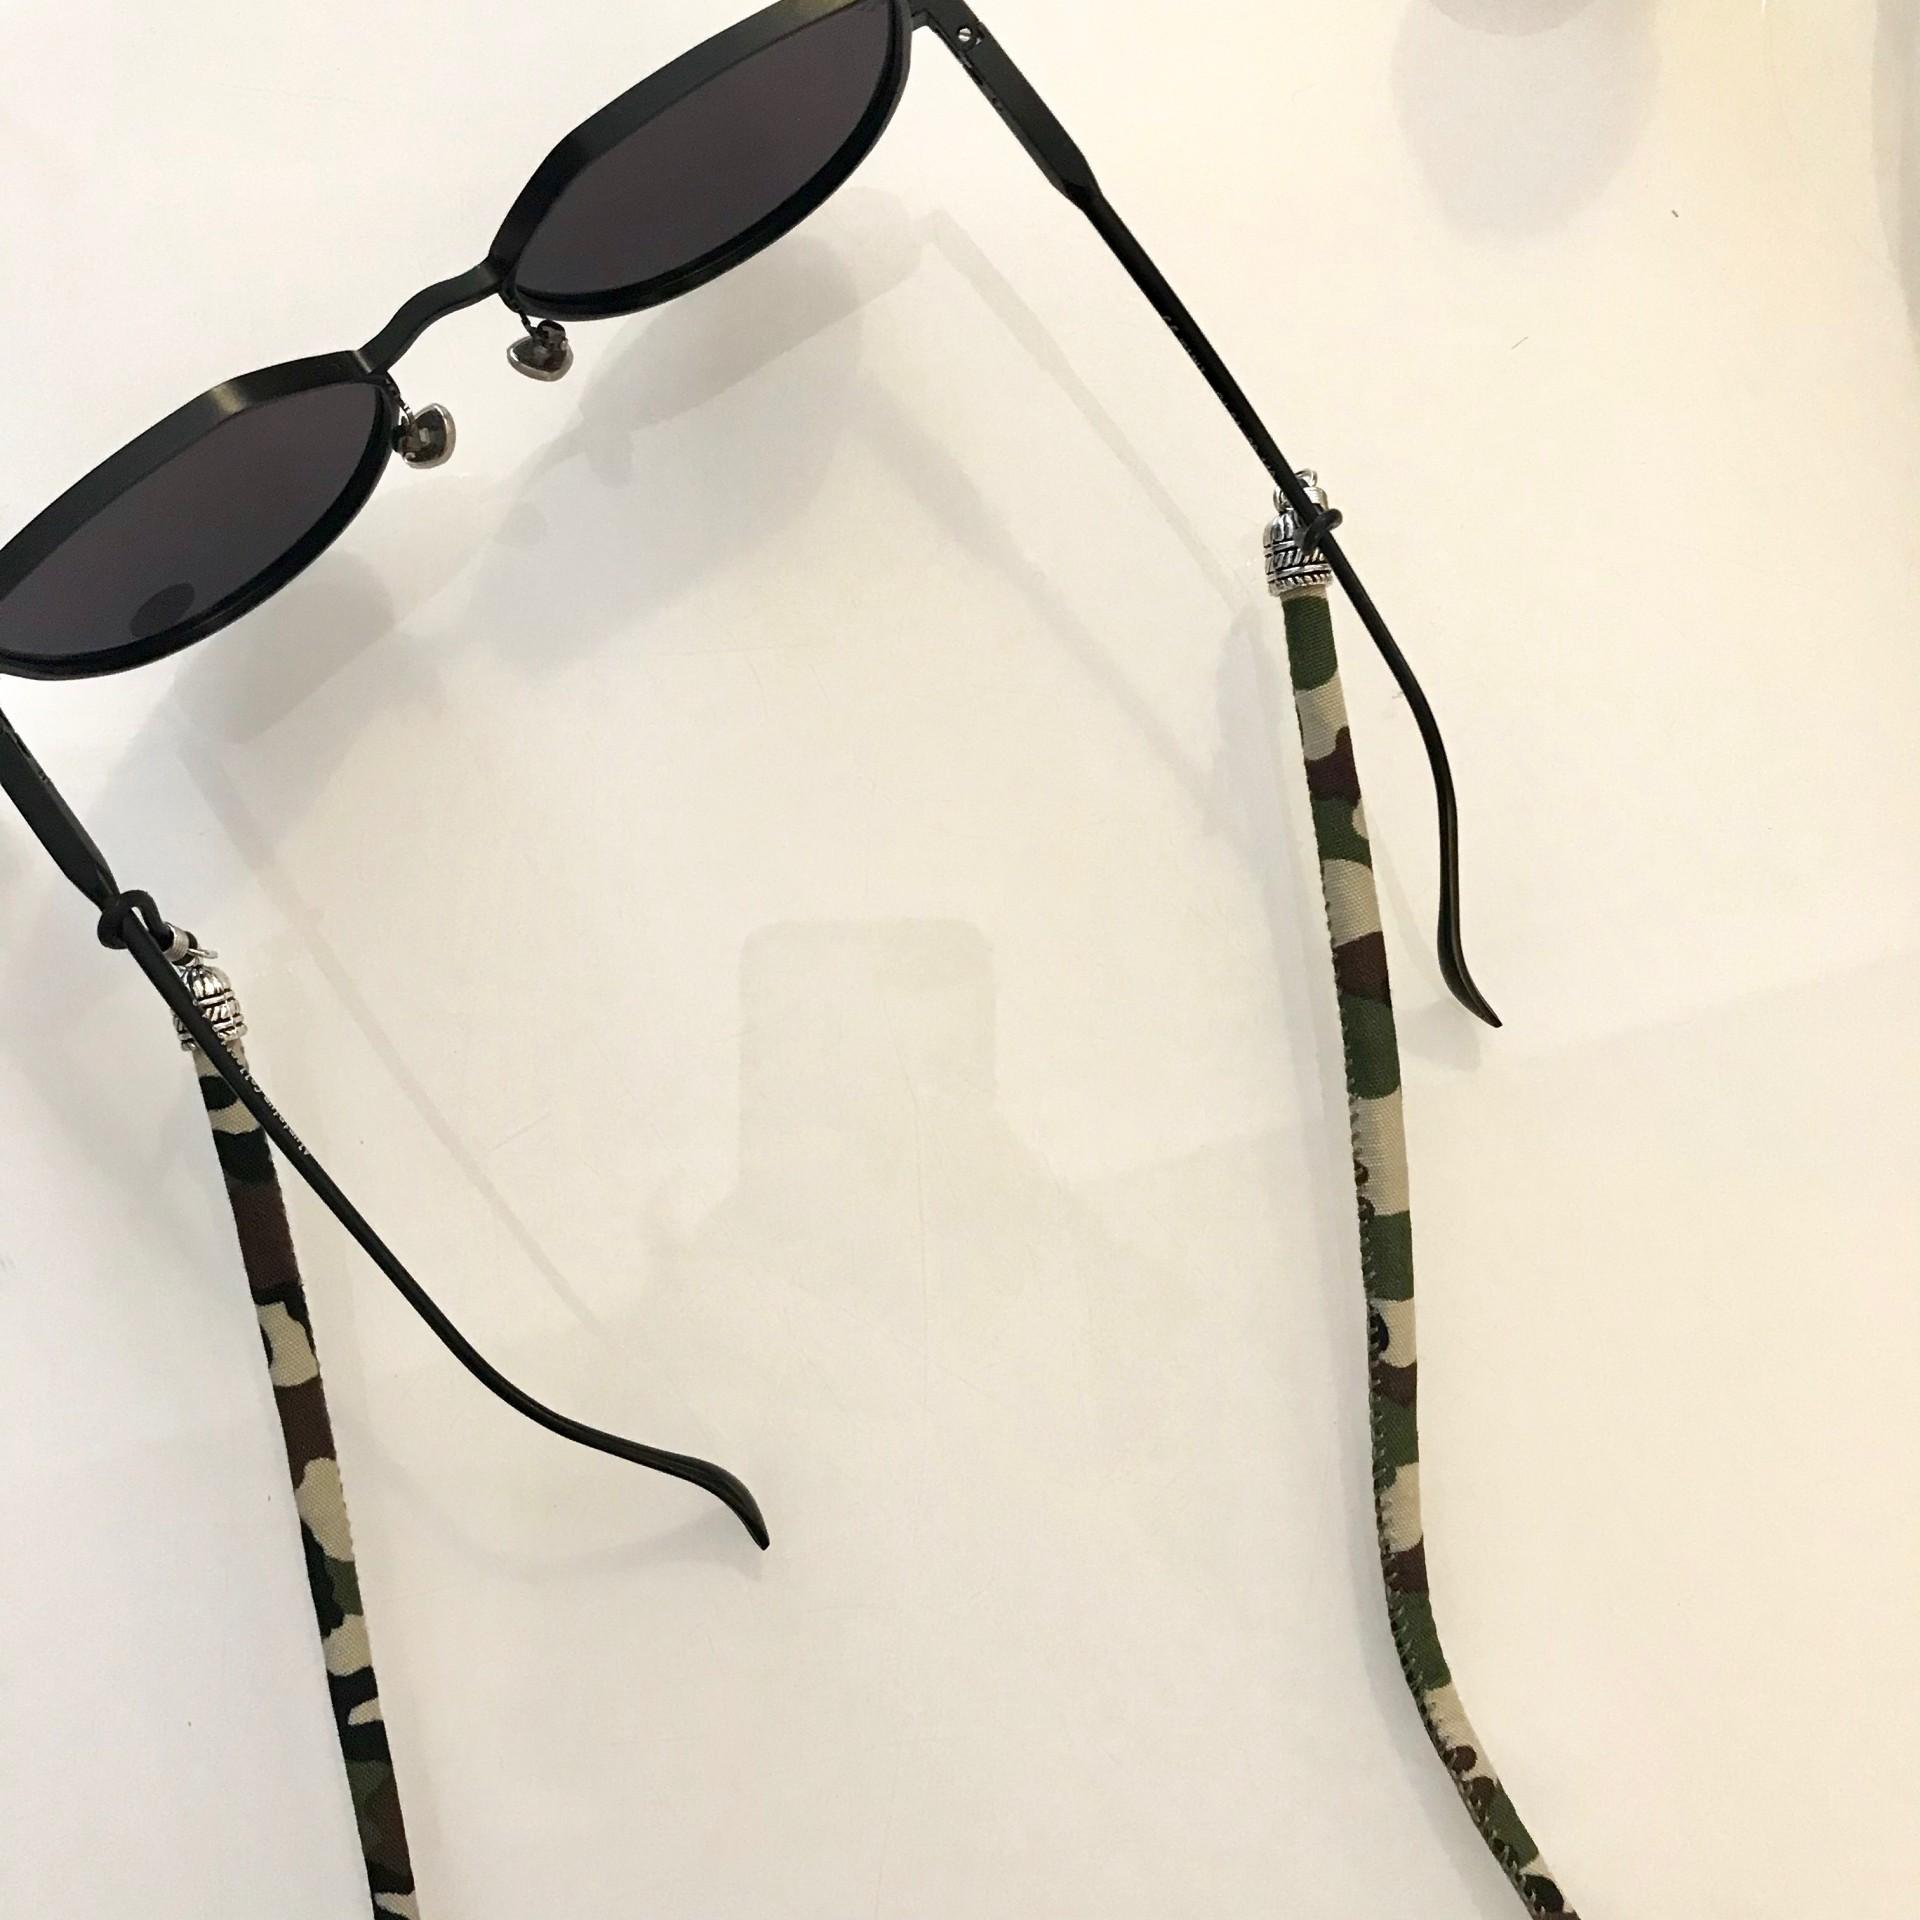 Fita de óculos Padrão Militar | Kaki